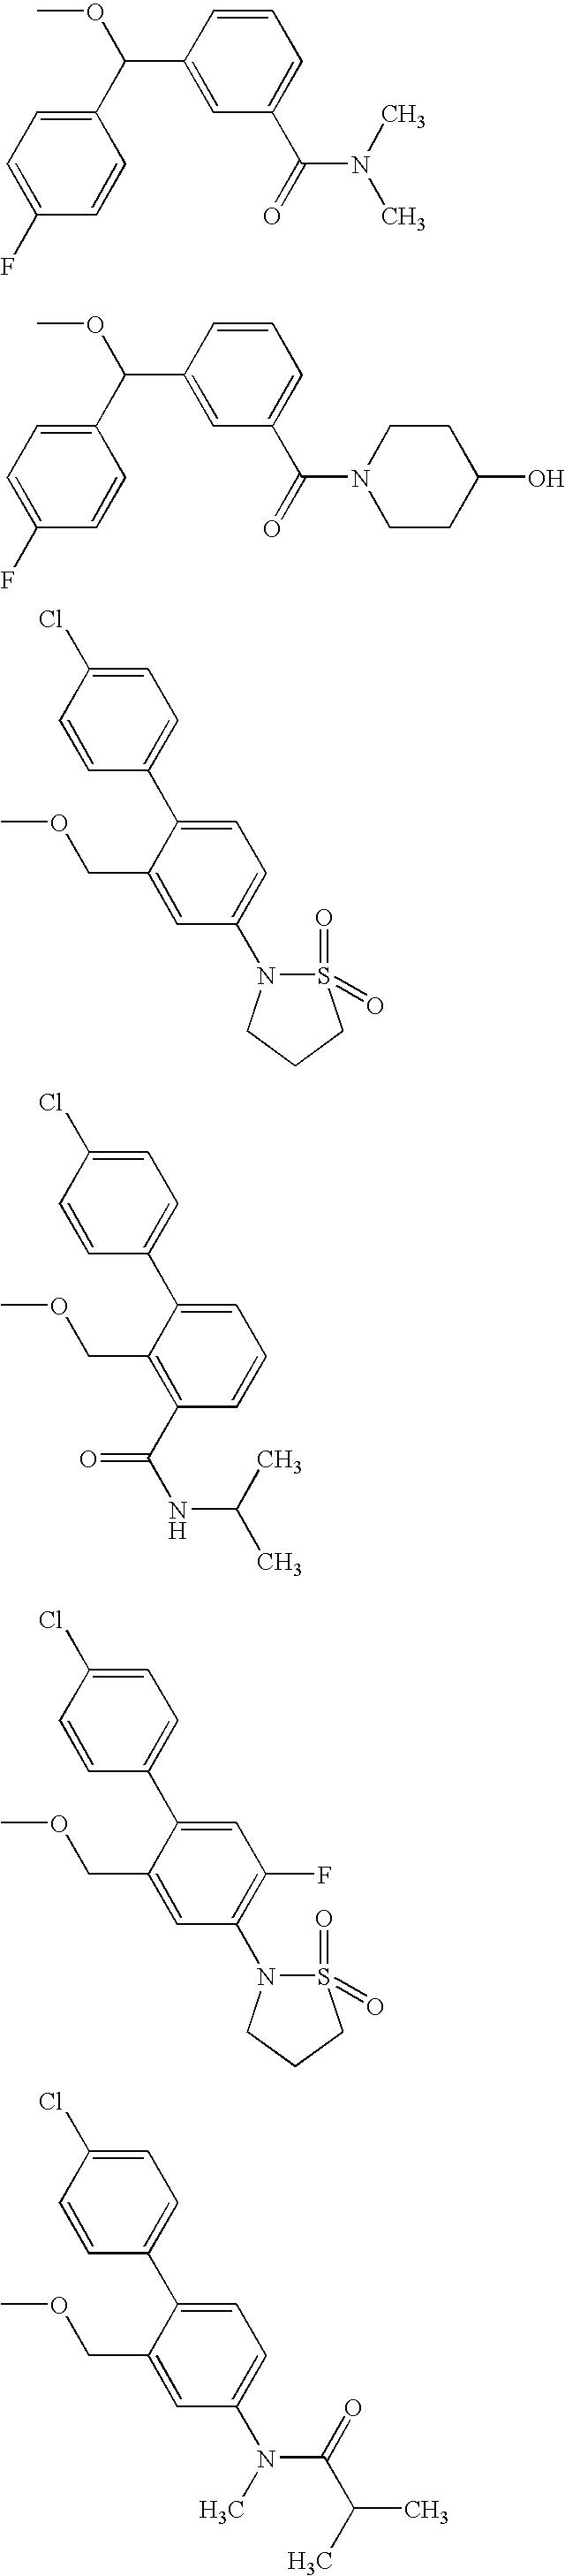 Figure US20070049593A1-20070301-C00260